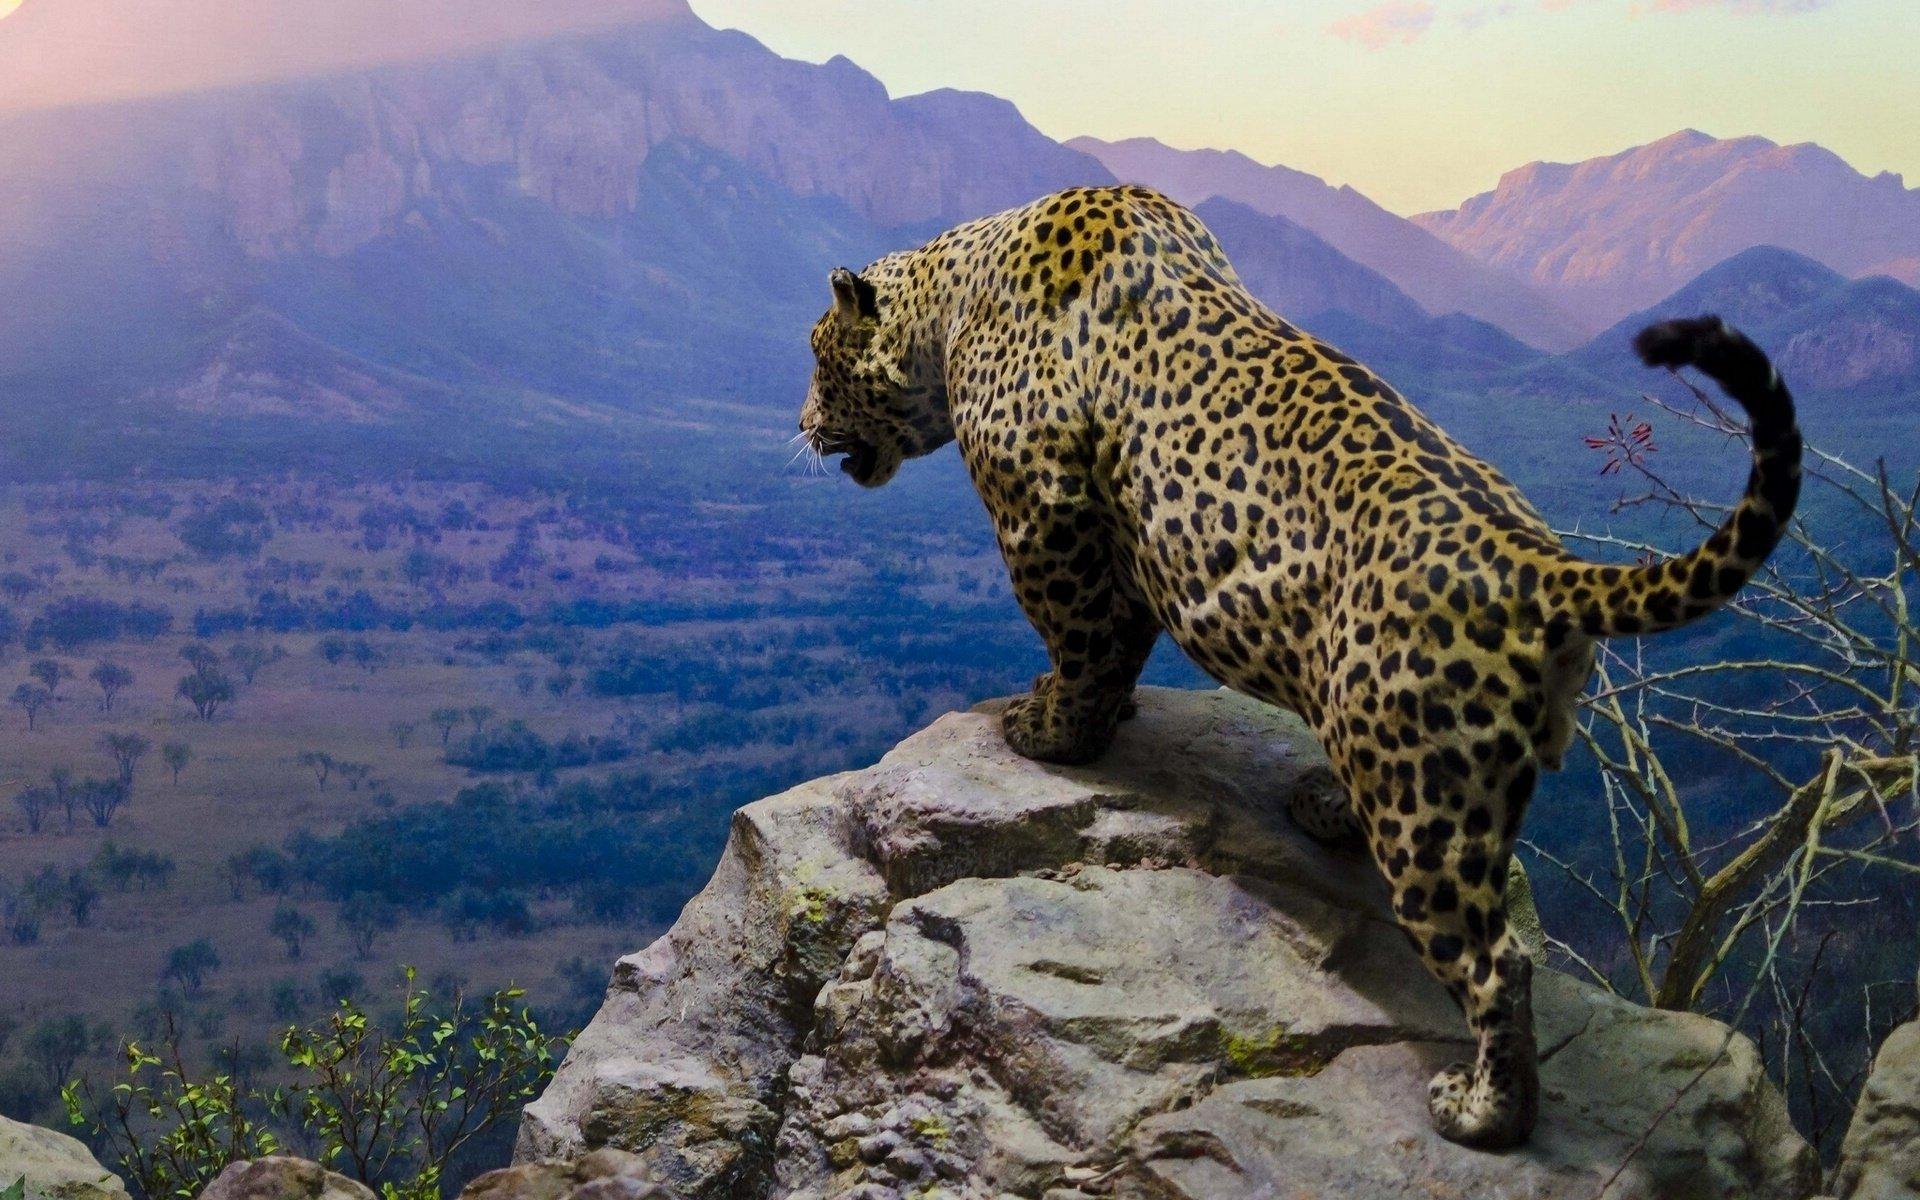 Hd wallpaper jaguar - Animal Jaguar Wallpaper